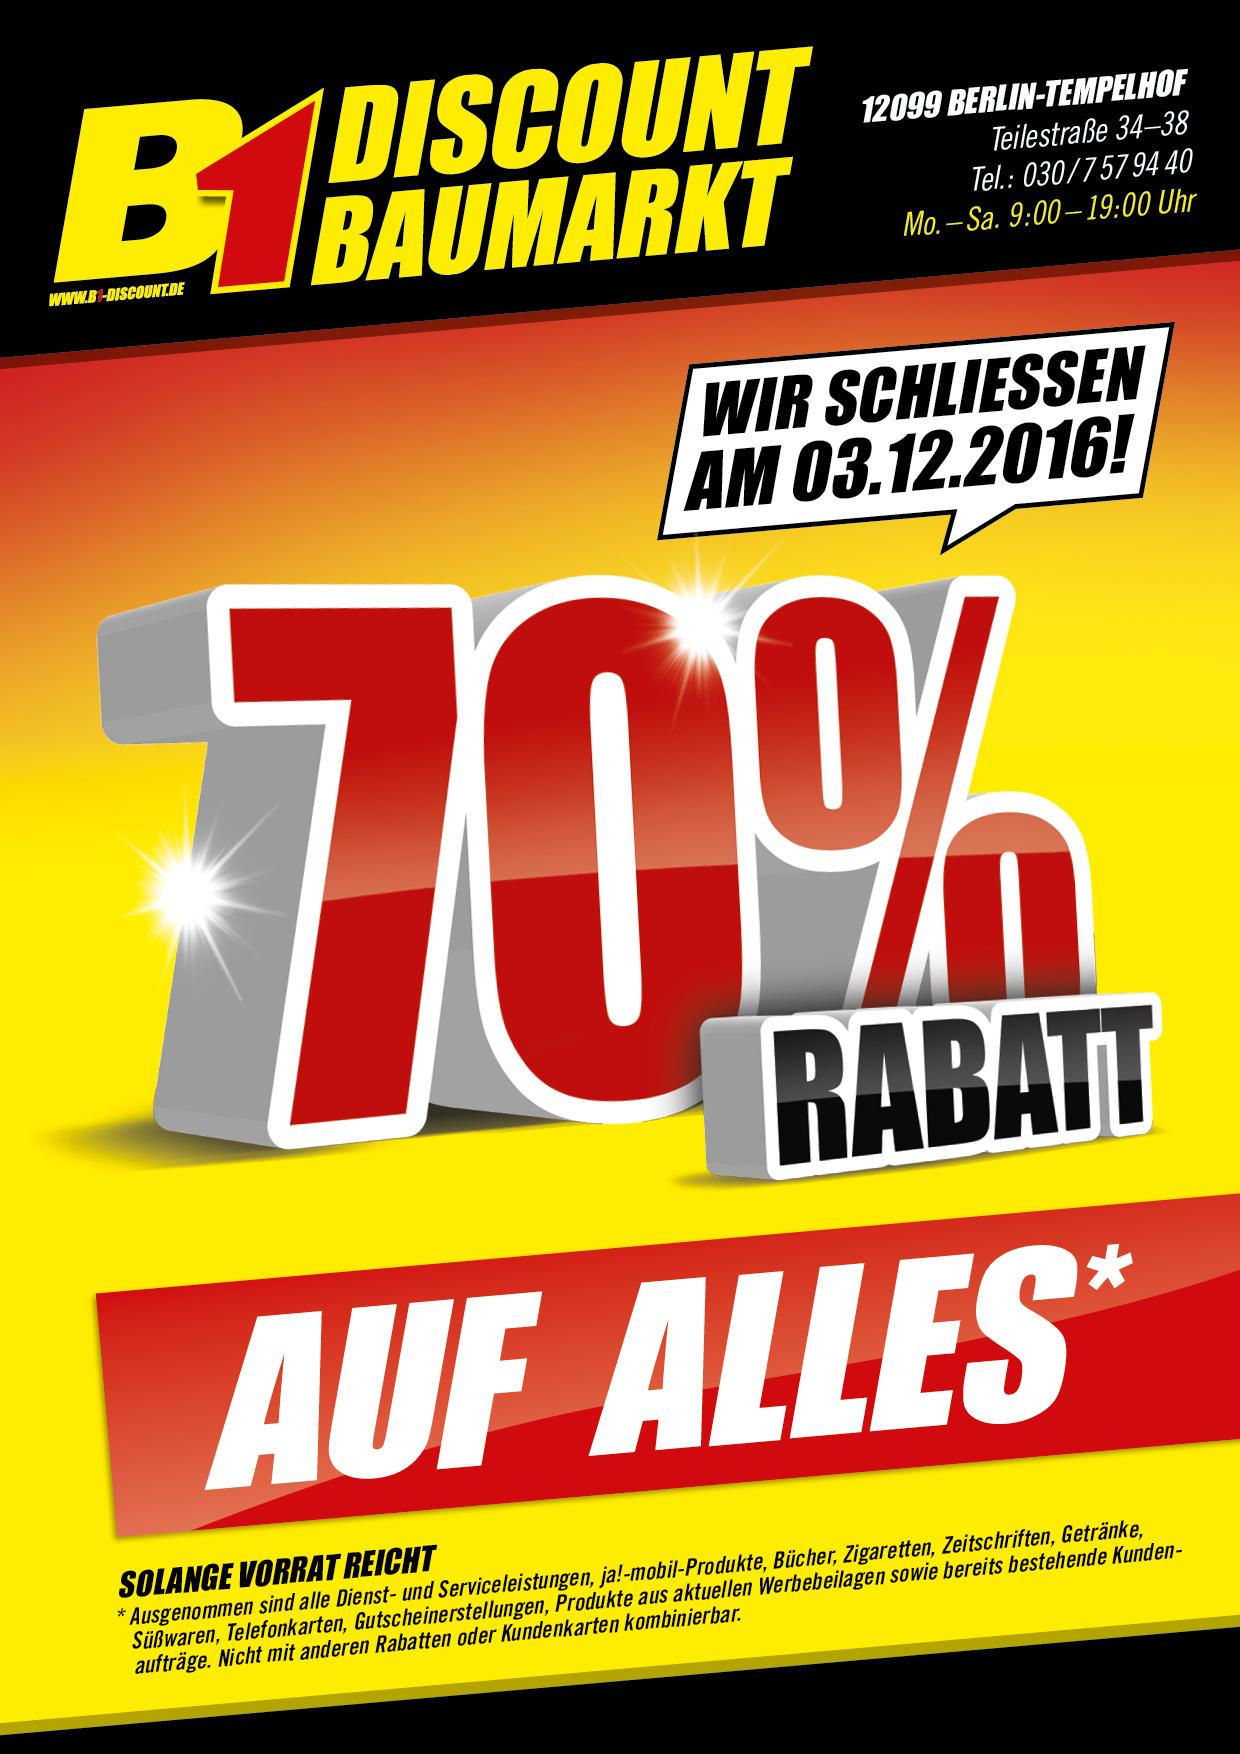 [Lokal] B1 Discount Baumarkt Berlin Teilestr. 70% auf alles